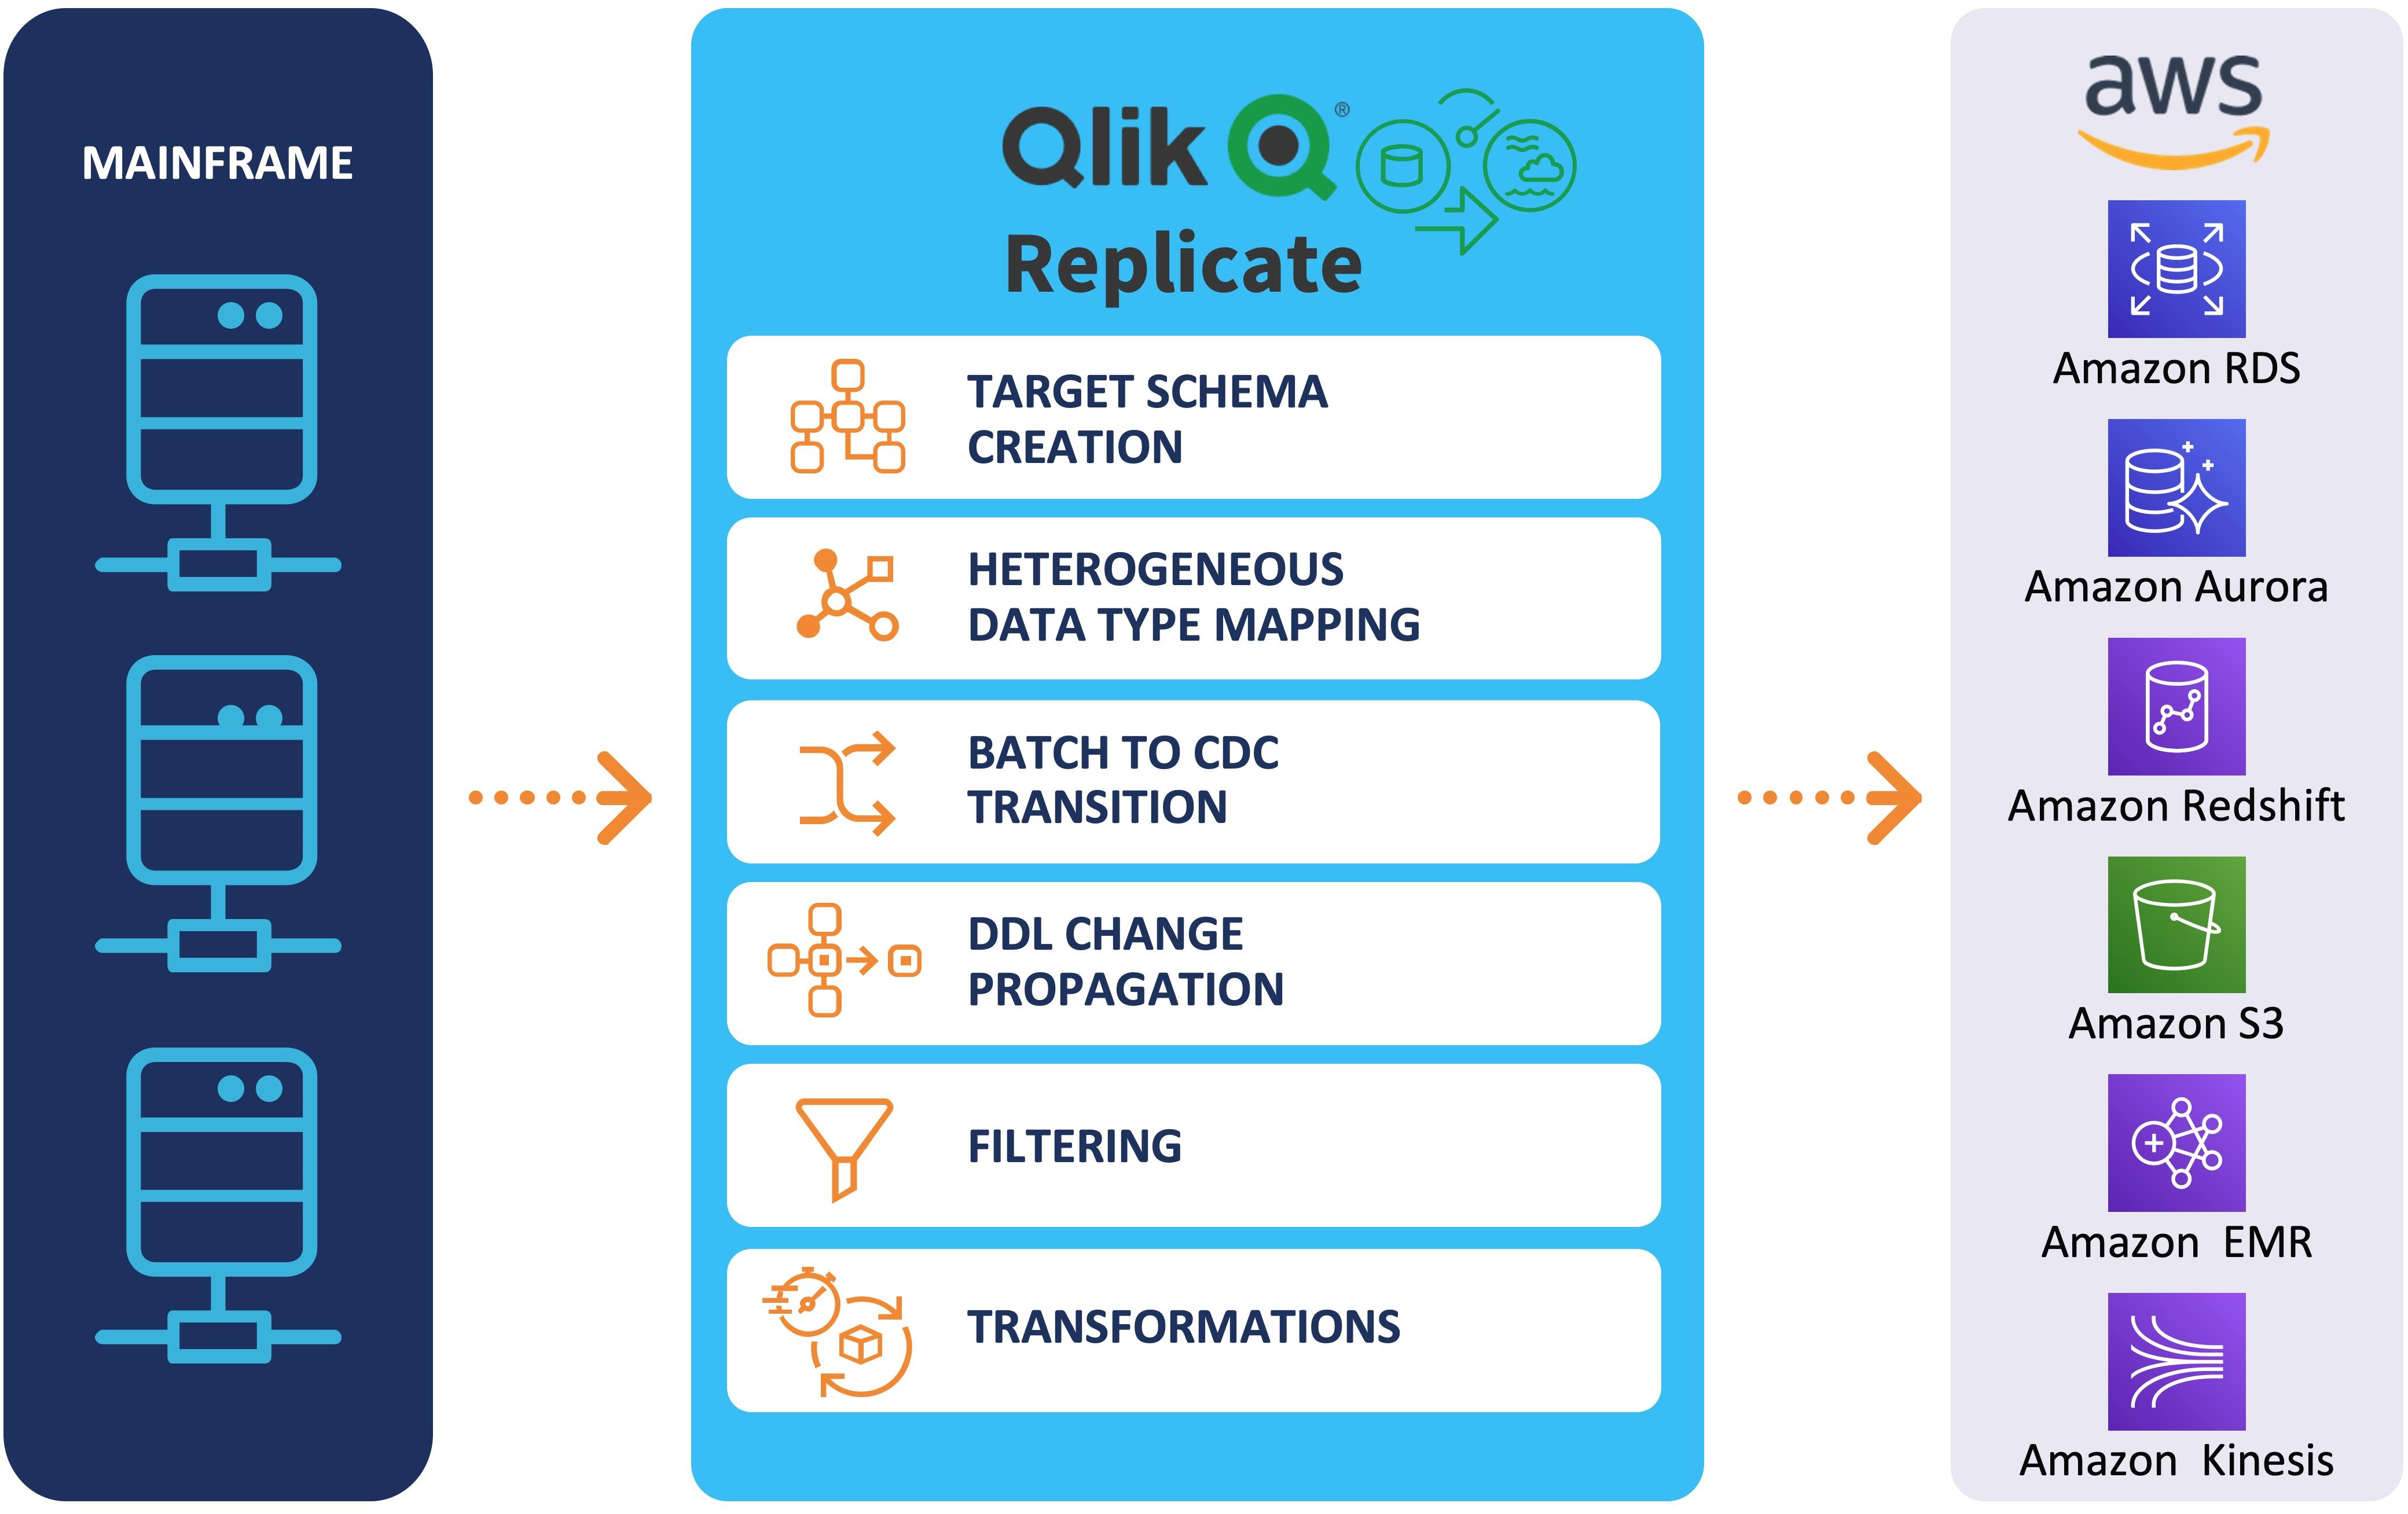 Qlik-Replicate-1